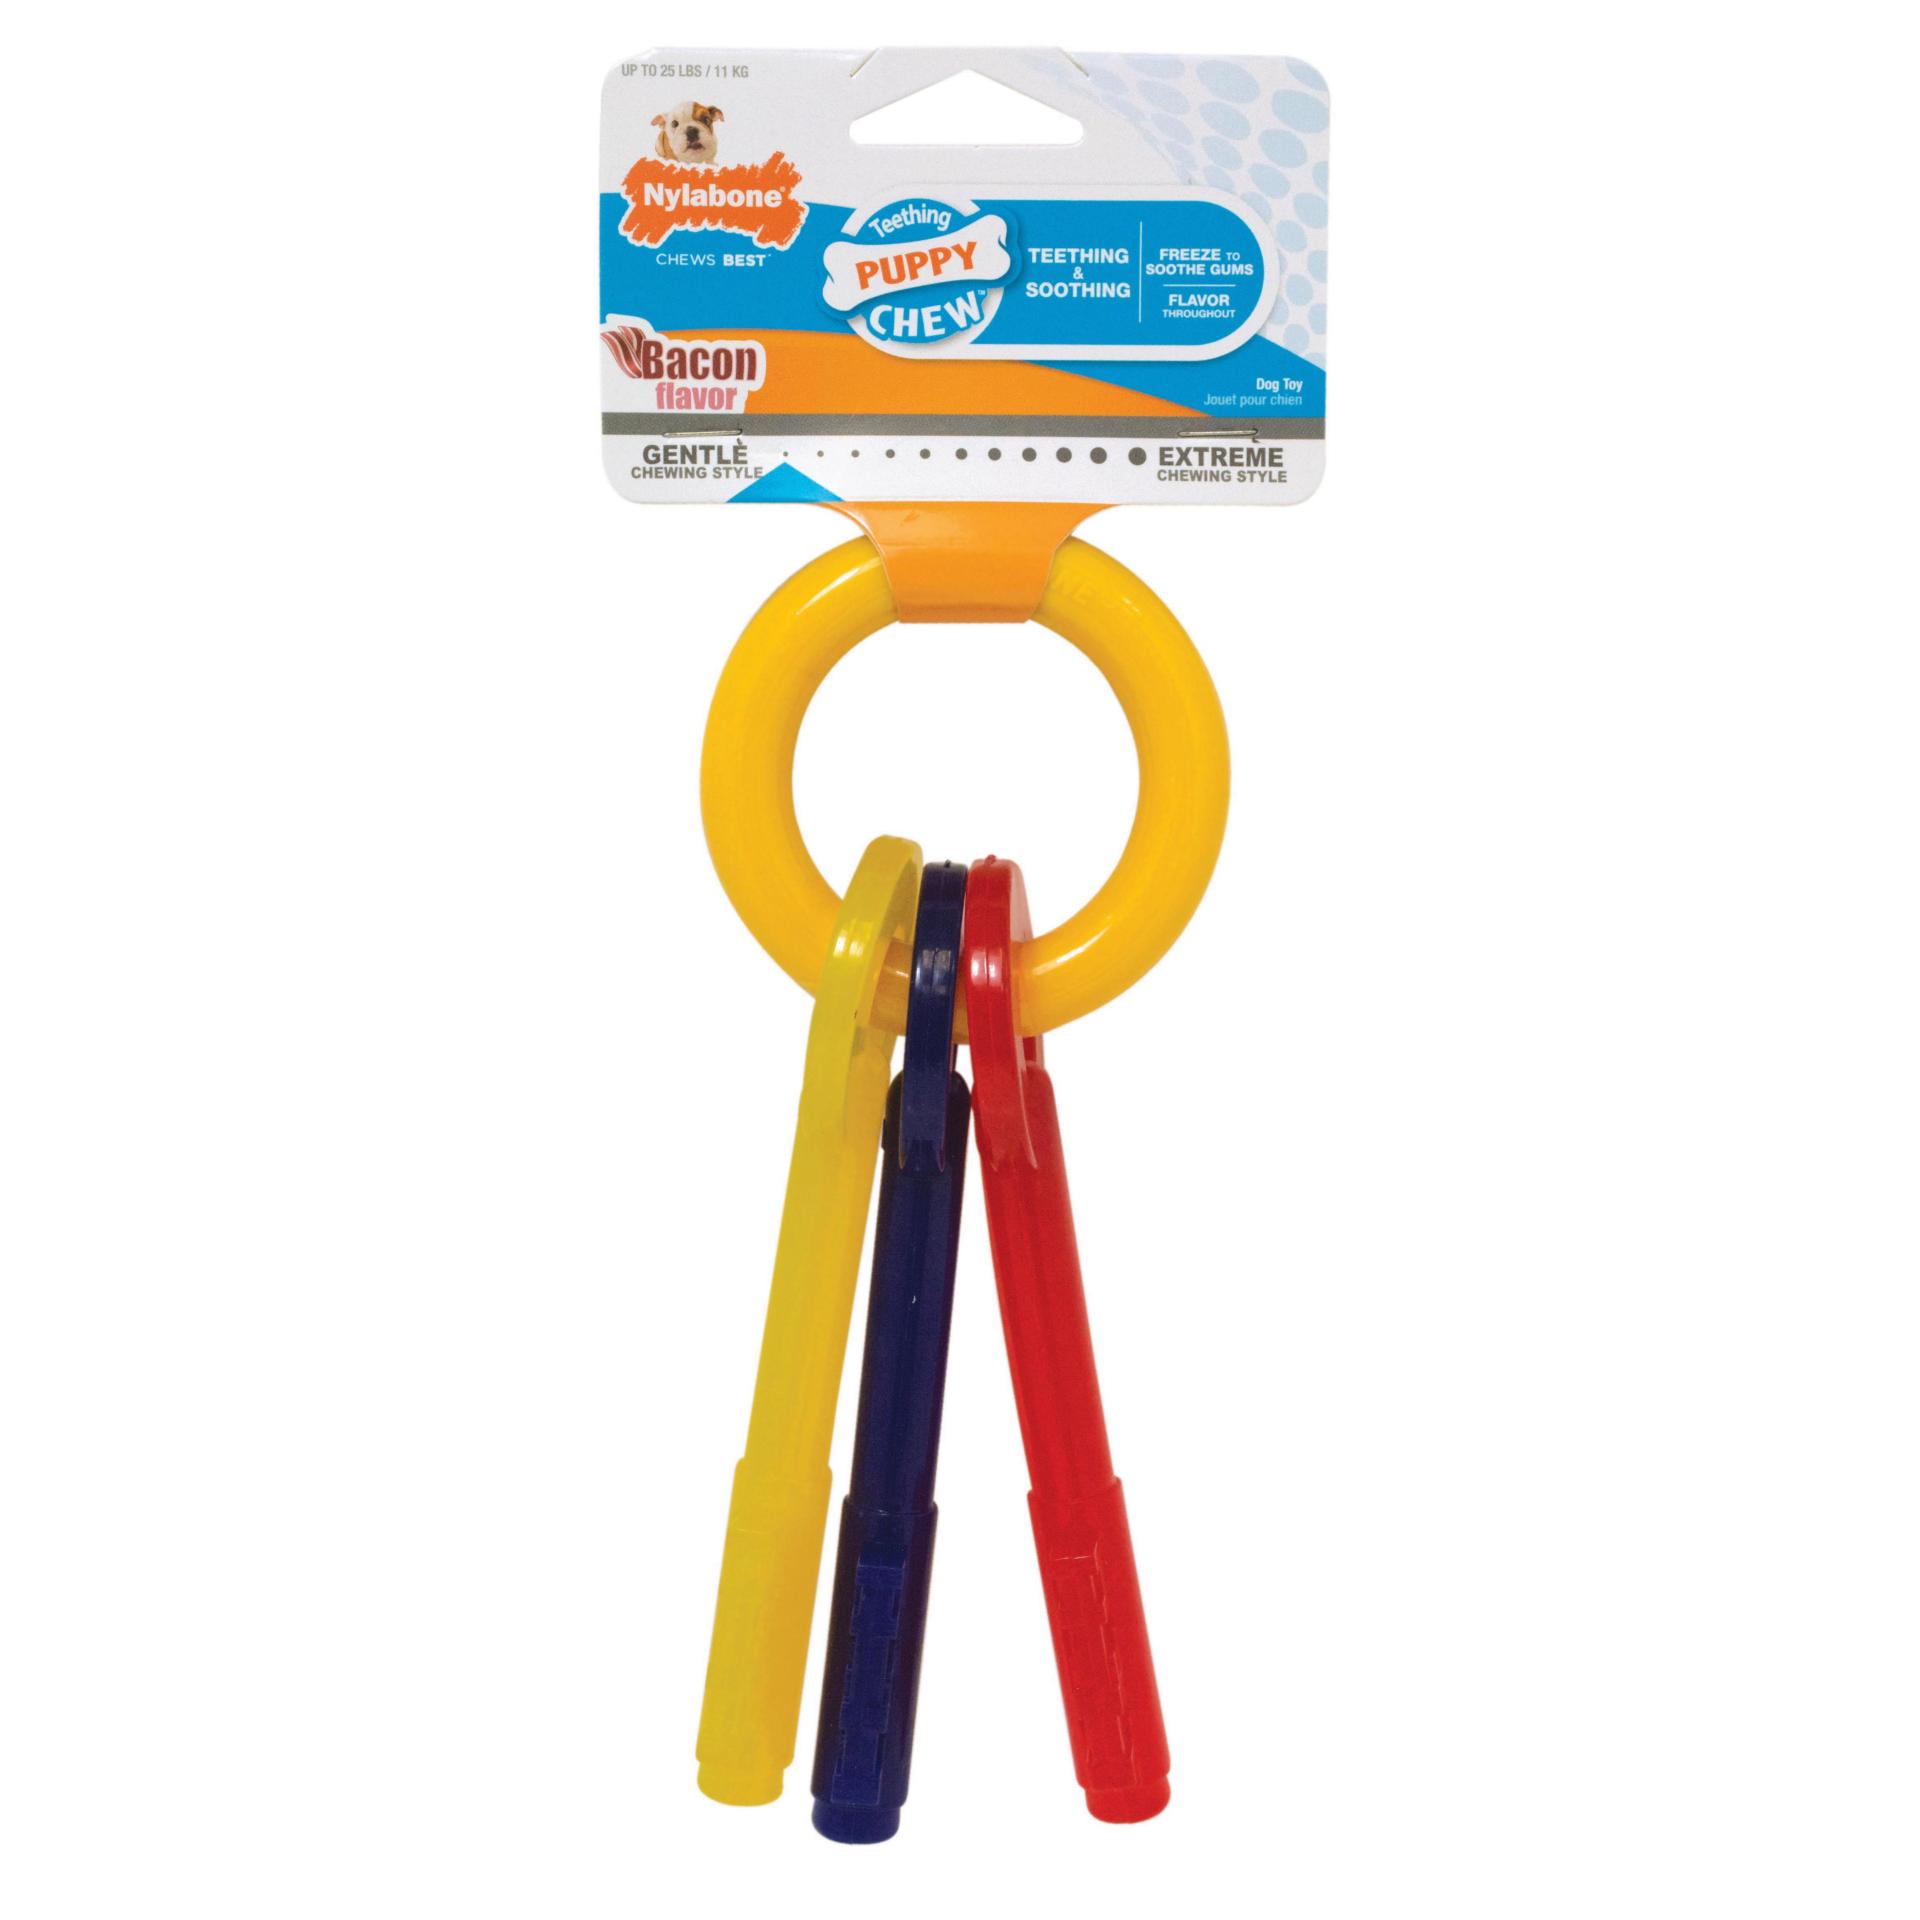 Nylabone Nylabone Puppy Chew Teething Keys Dog Toy